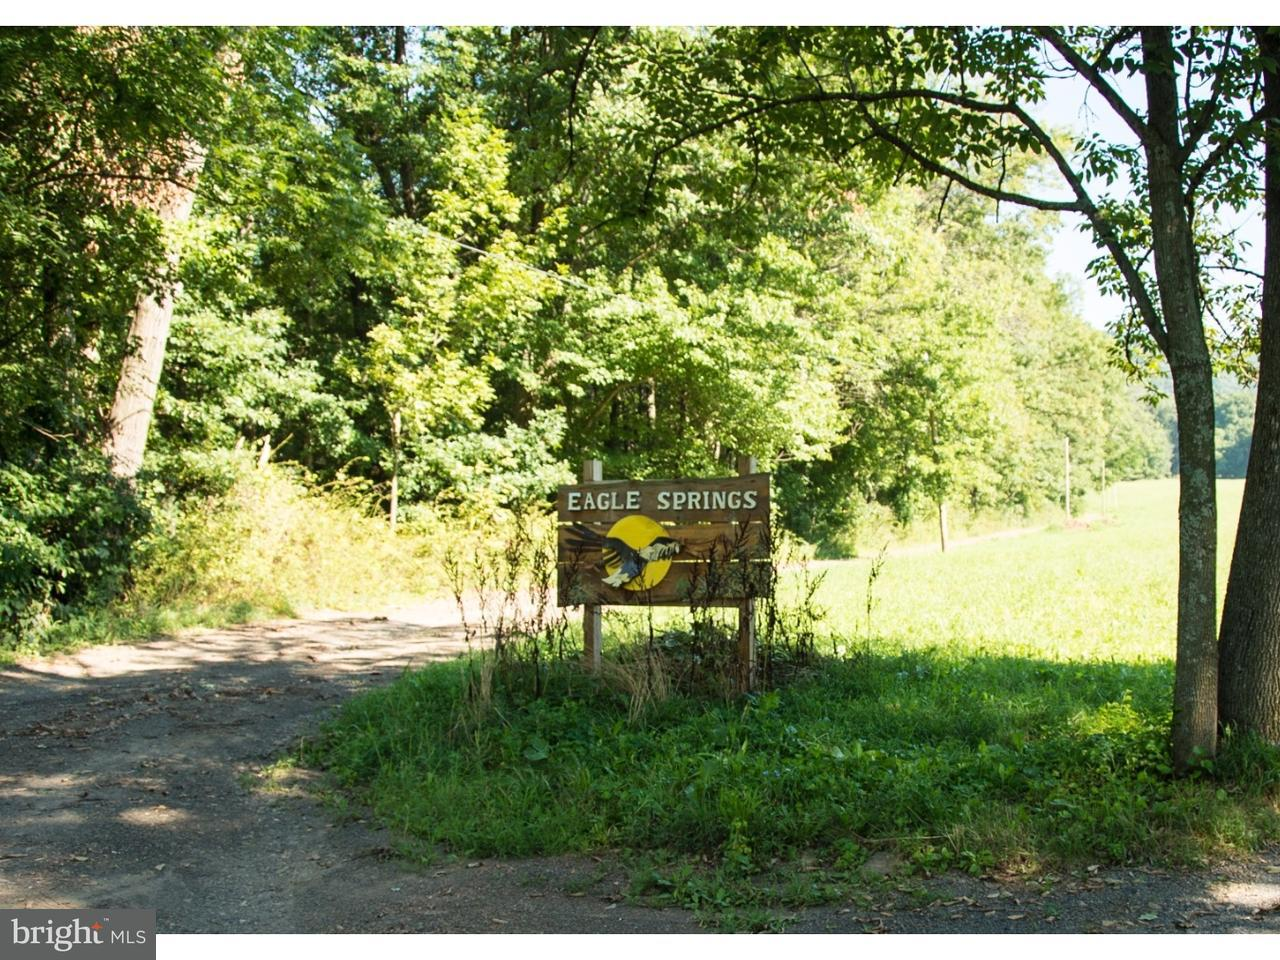 Коммерческий для того Продажа на 58 EAGLE SPRINGS Road Pine Grove, Пенсильвания 17963 Соединенные Штаты